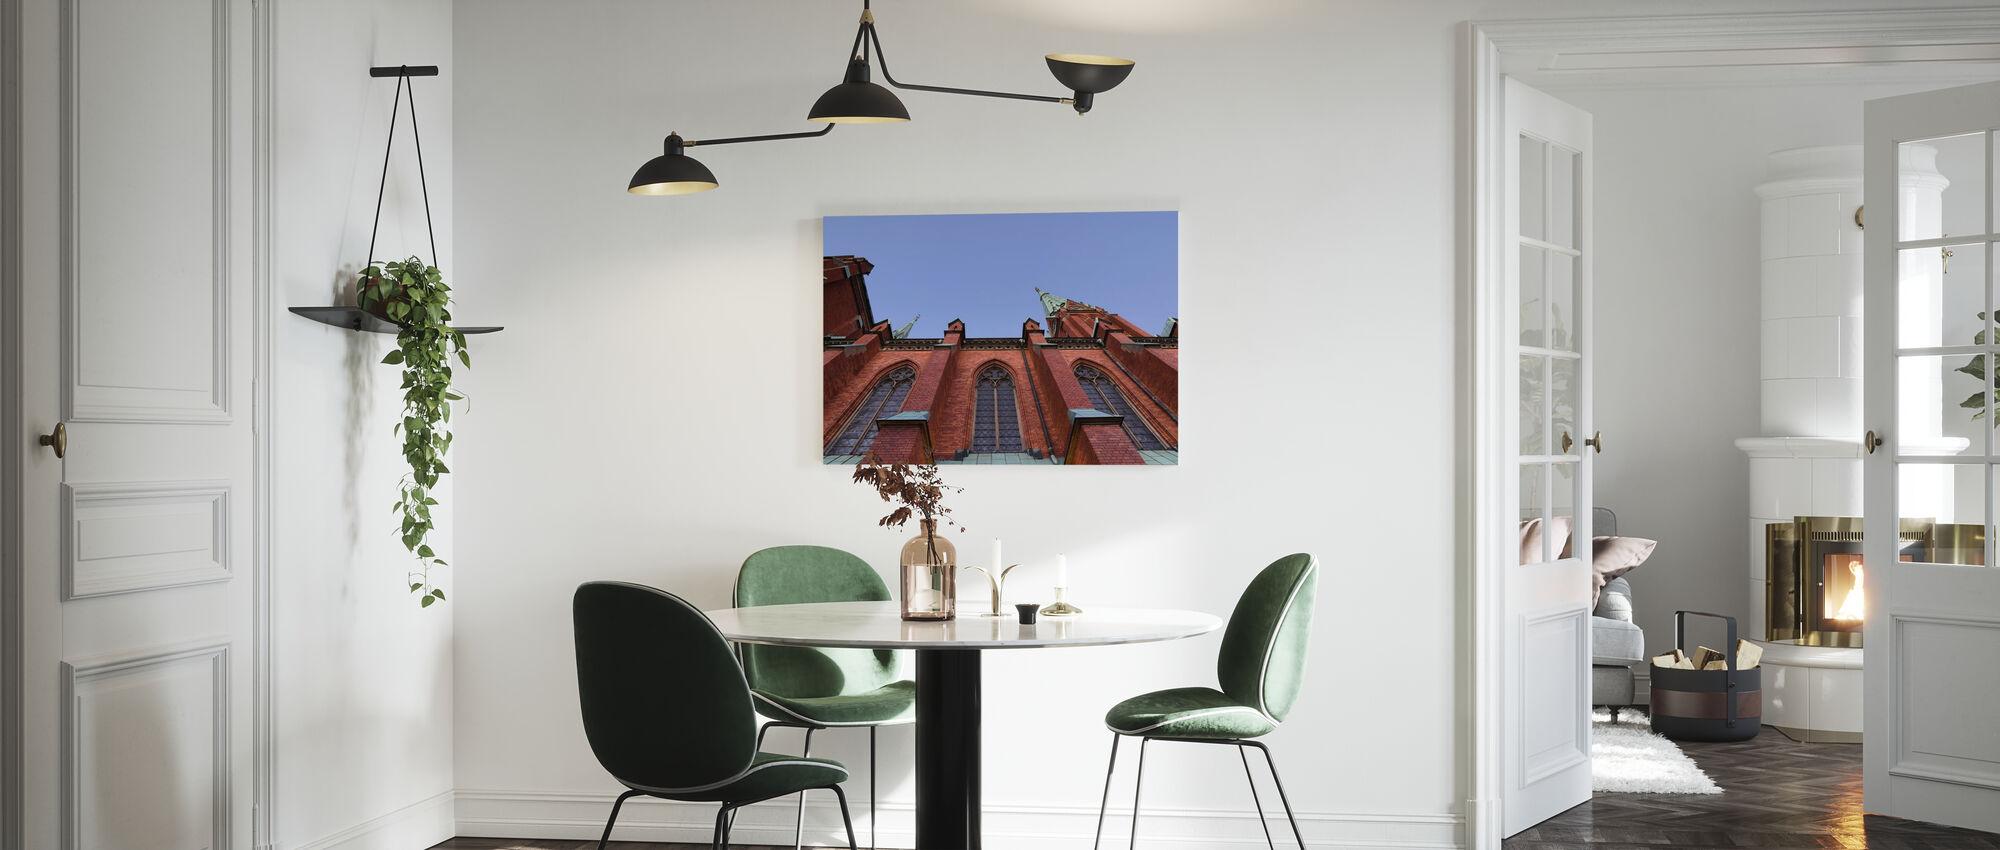 Dettagli architettonici di Johannes Kyrka - Stampa su tela - Cucina